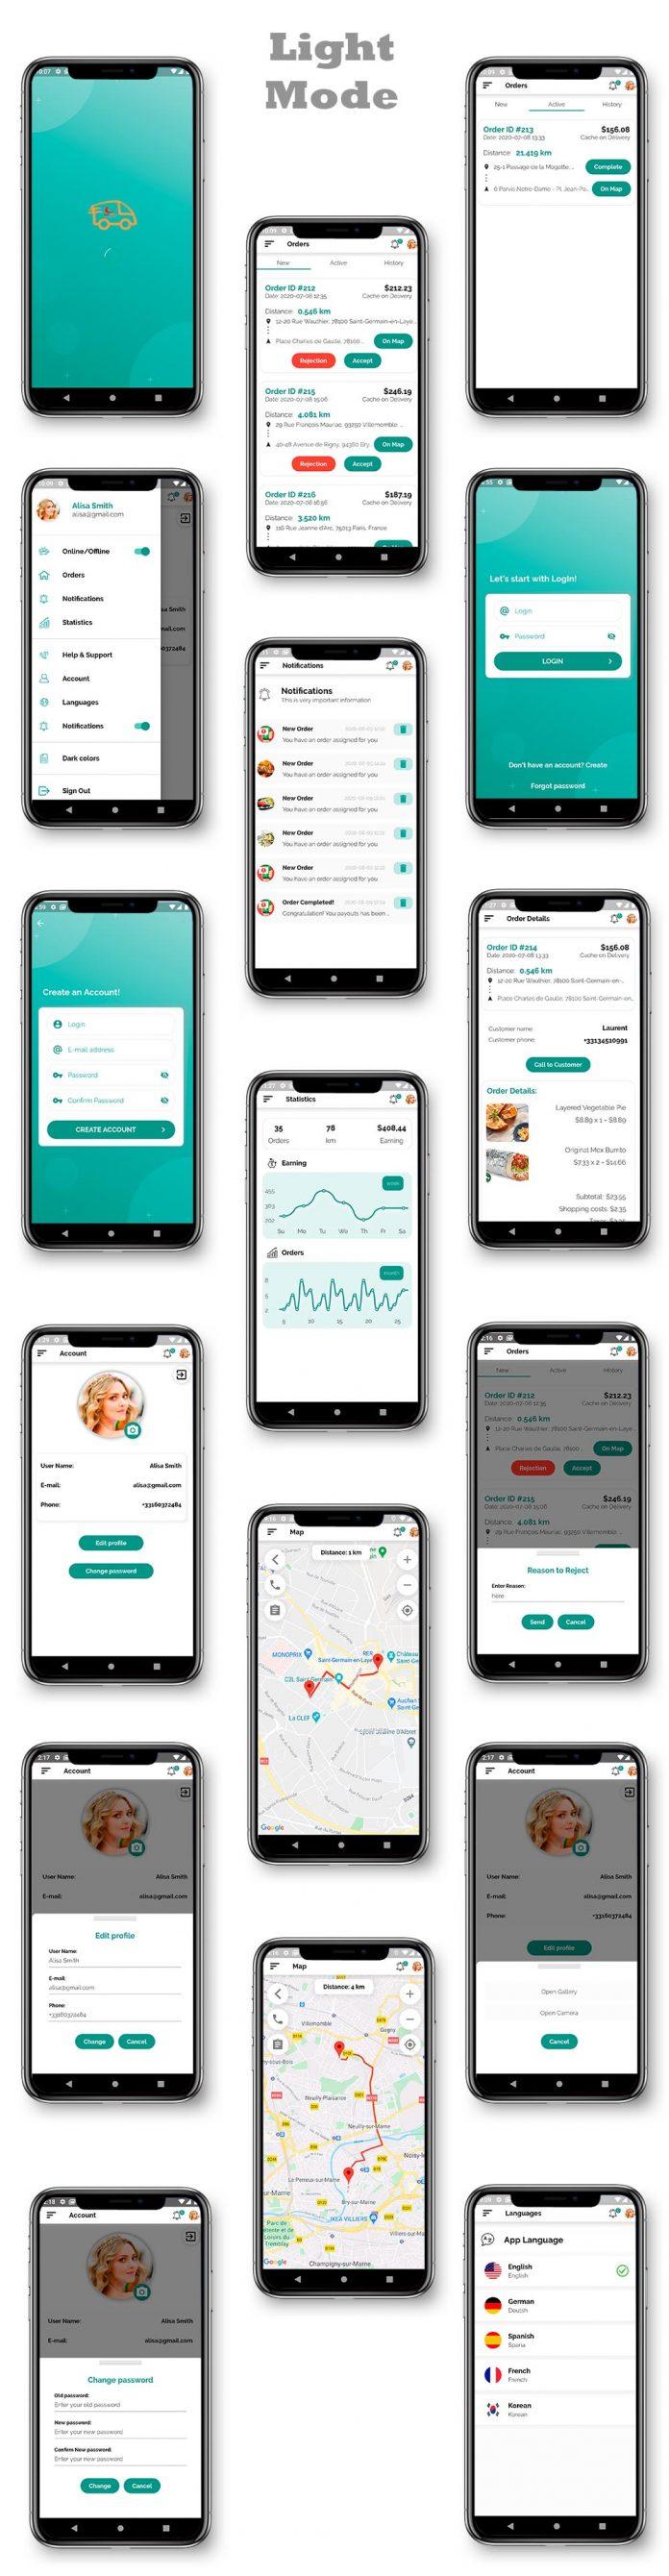 Kit d'interface utilisateur de livraison de nourriture dans Flutter - 3 applications - Application client + application de livraison + application propriétaire - 1